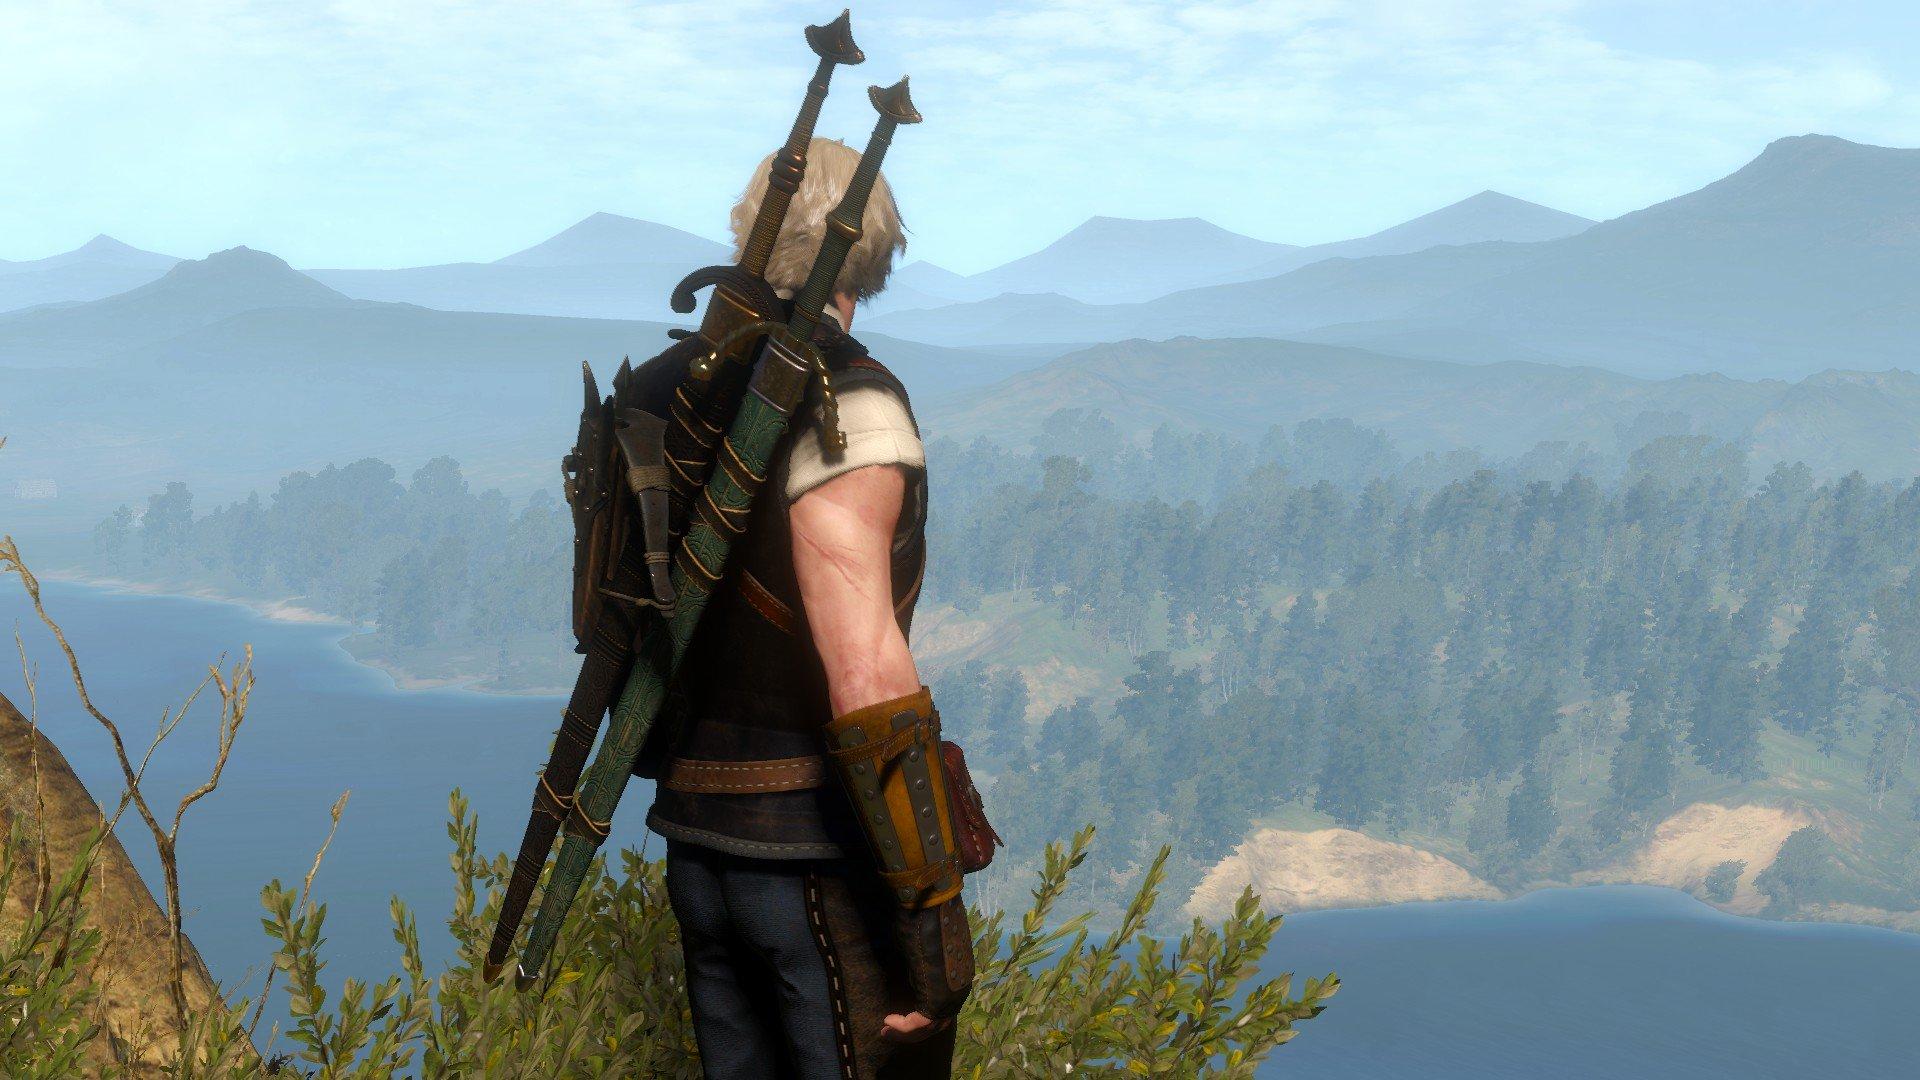 The Witcher 3: Wild Hunt. Подробности патча 1.08.   Патч 1.08 должен подготовить игру к выходу 16-го длс, улучшить о .... - Изображение 9